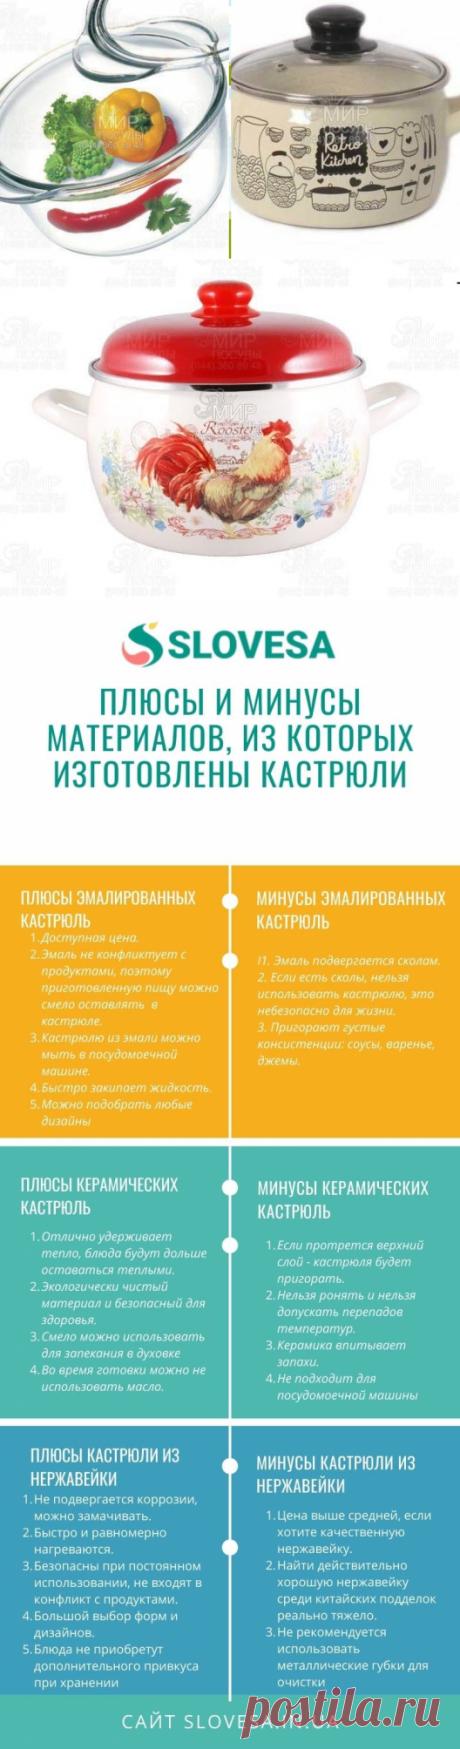 Советы, как выбрать кастрюлю - простые советы на портале slovesa.in.ua